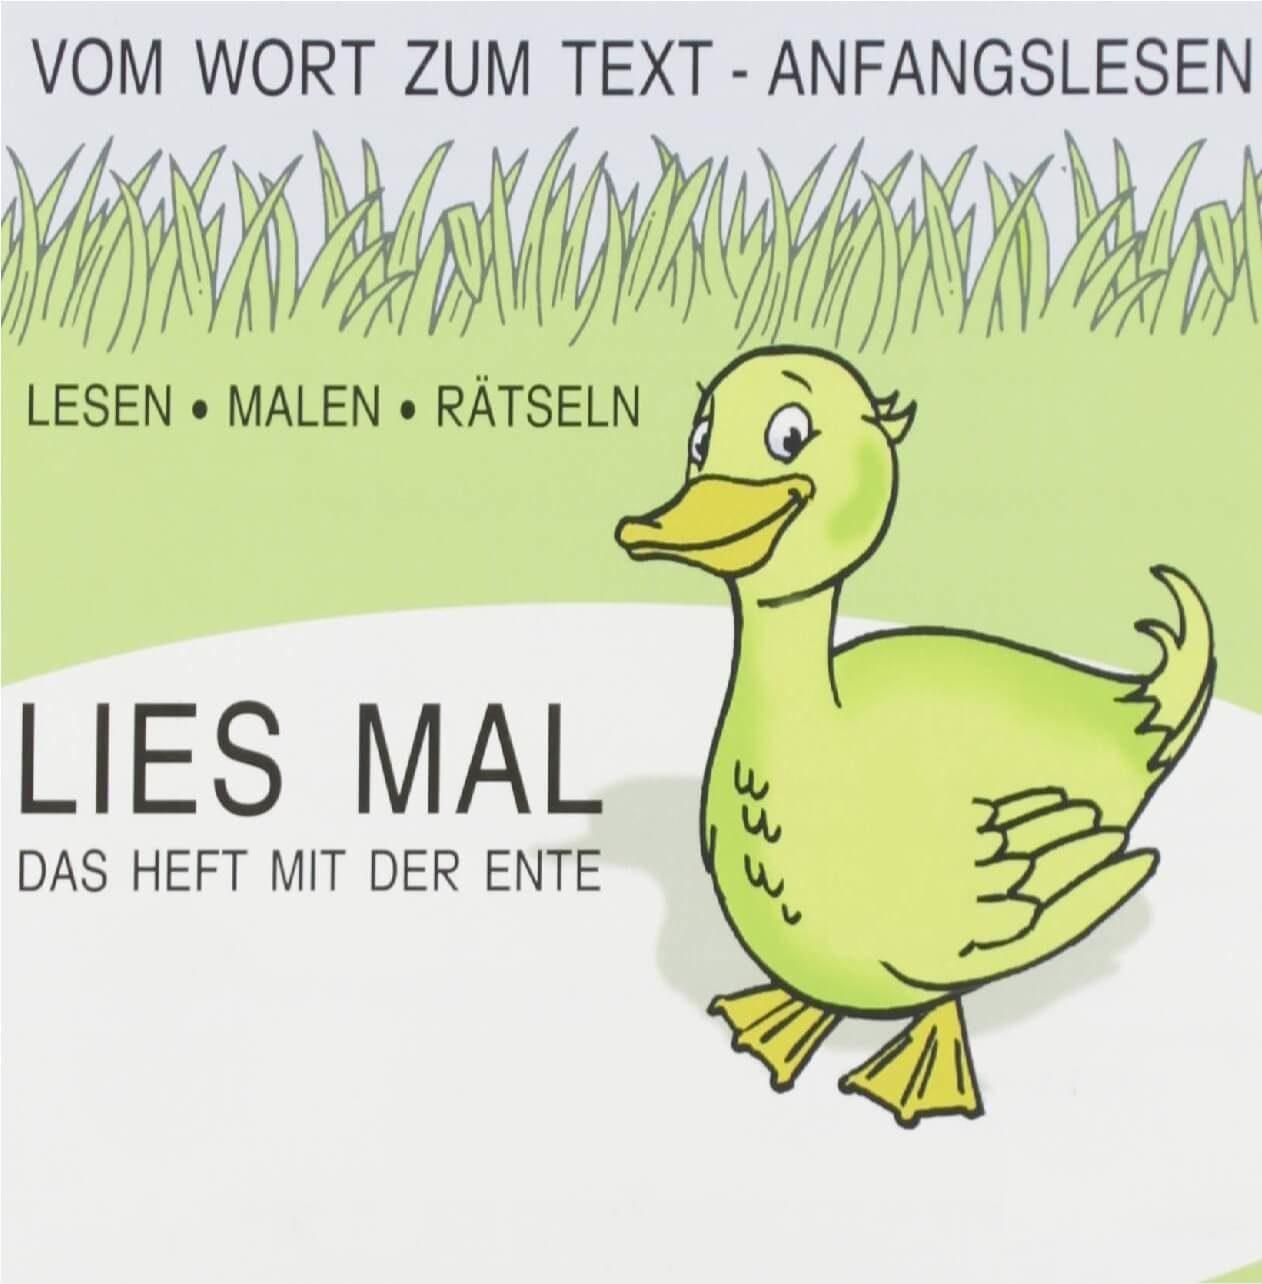 Читать по немецки вместе с Lies mal